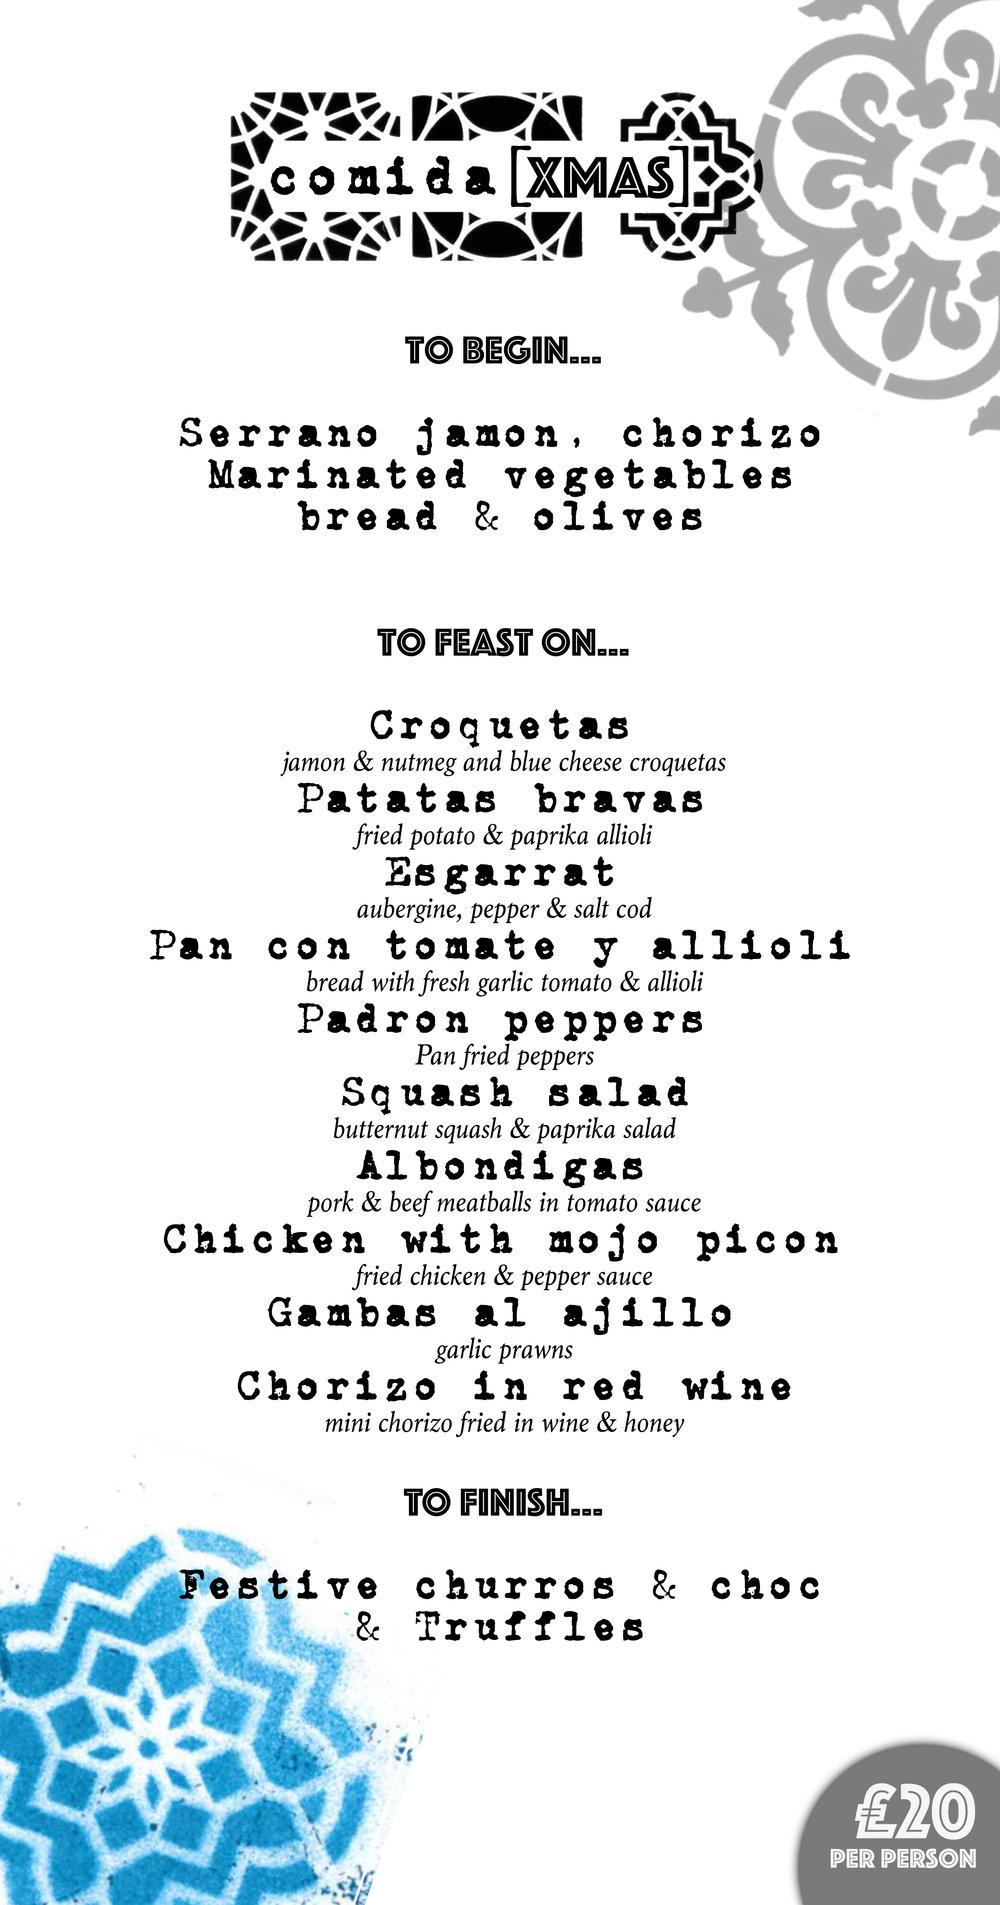 Xmas menu explanation.jpg